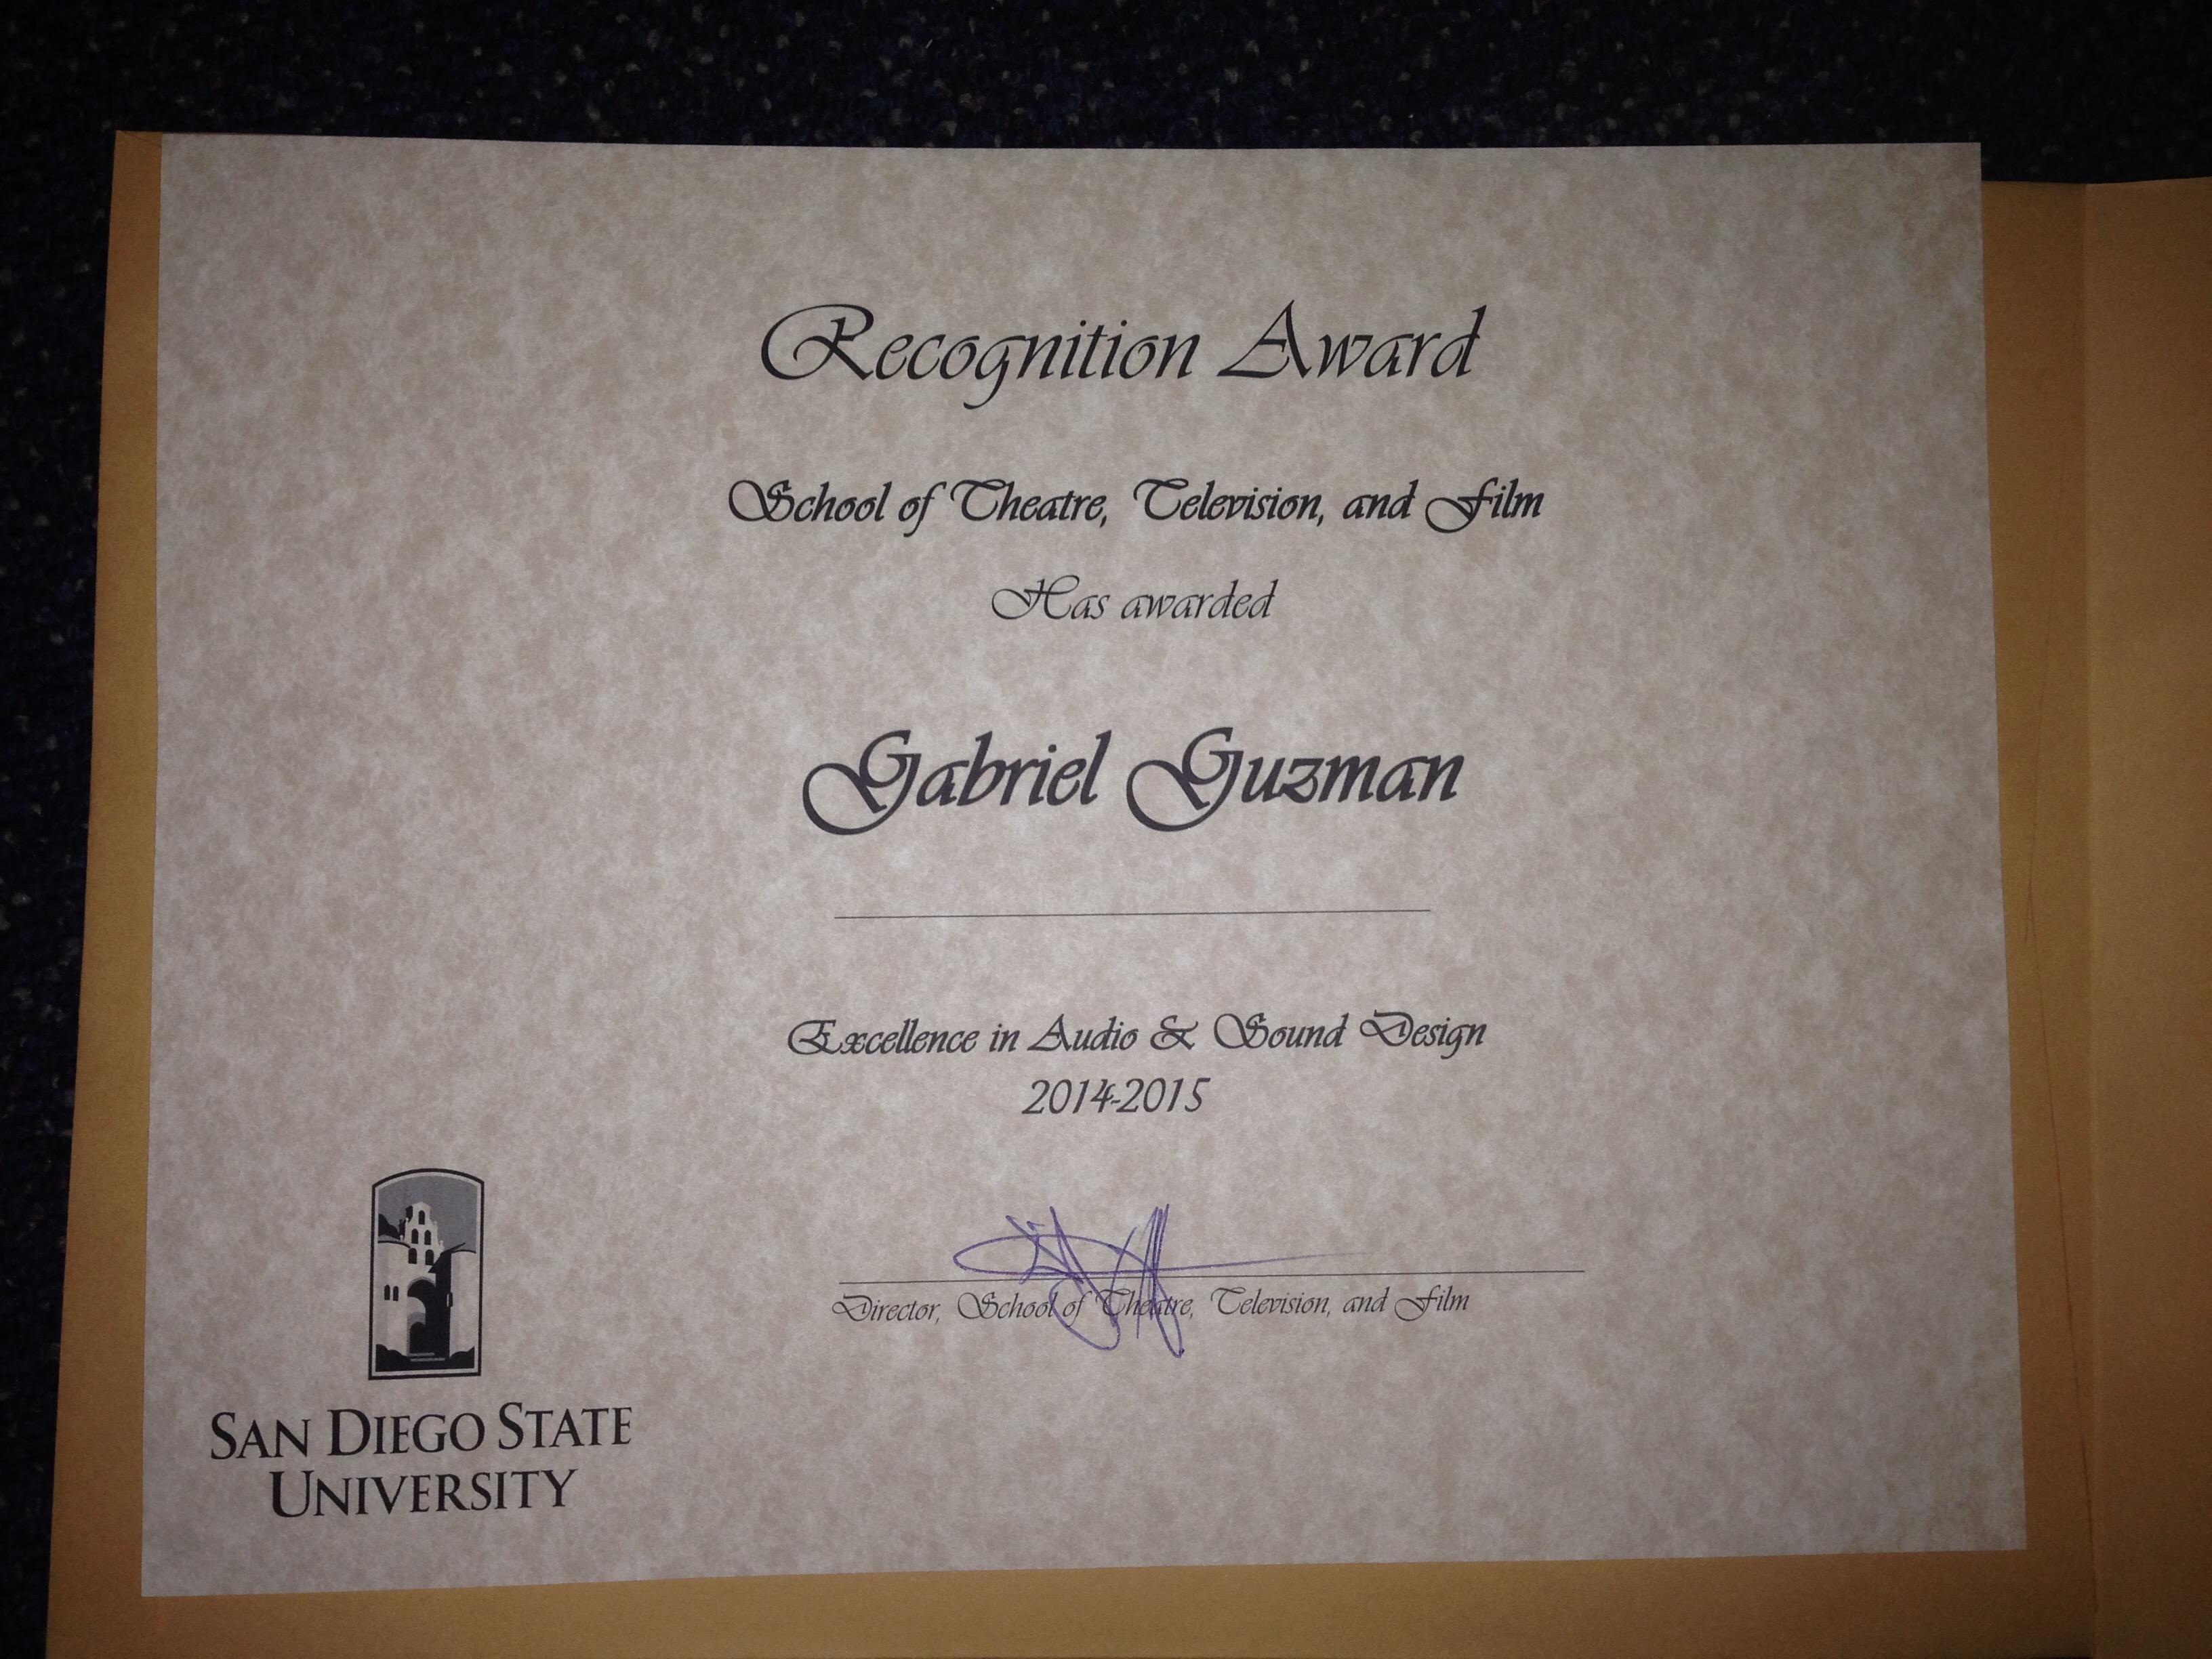 SDSU Award